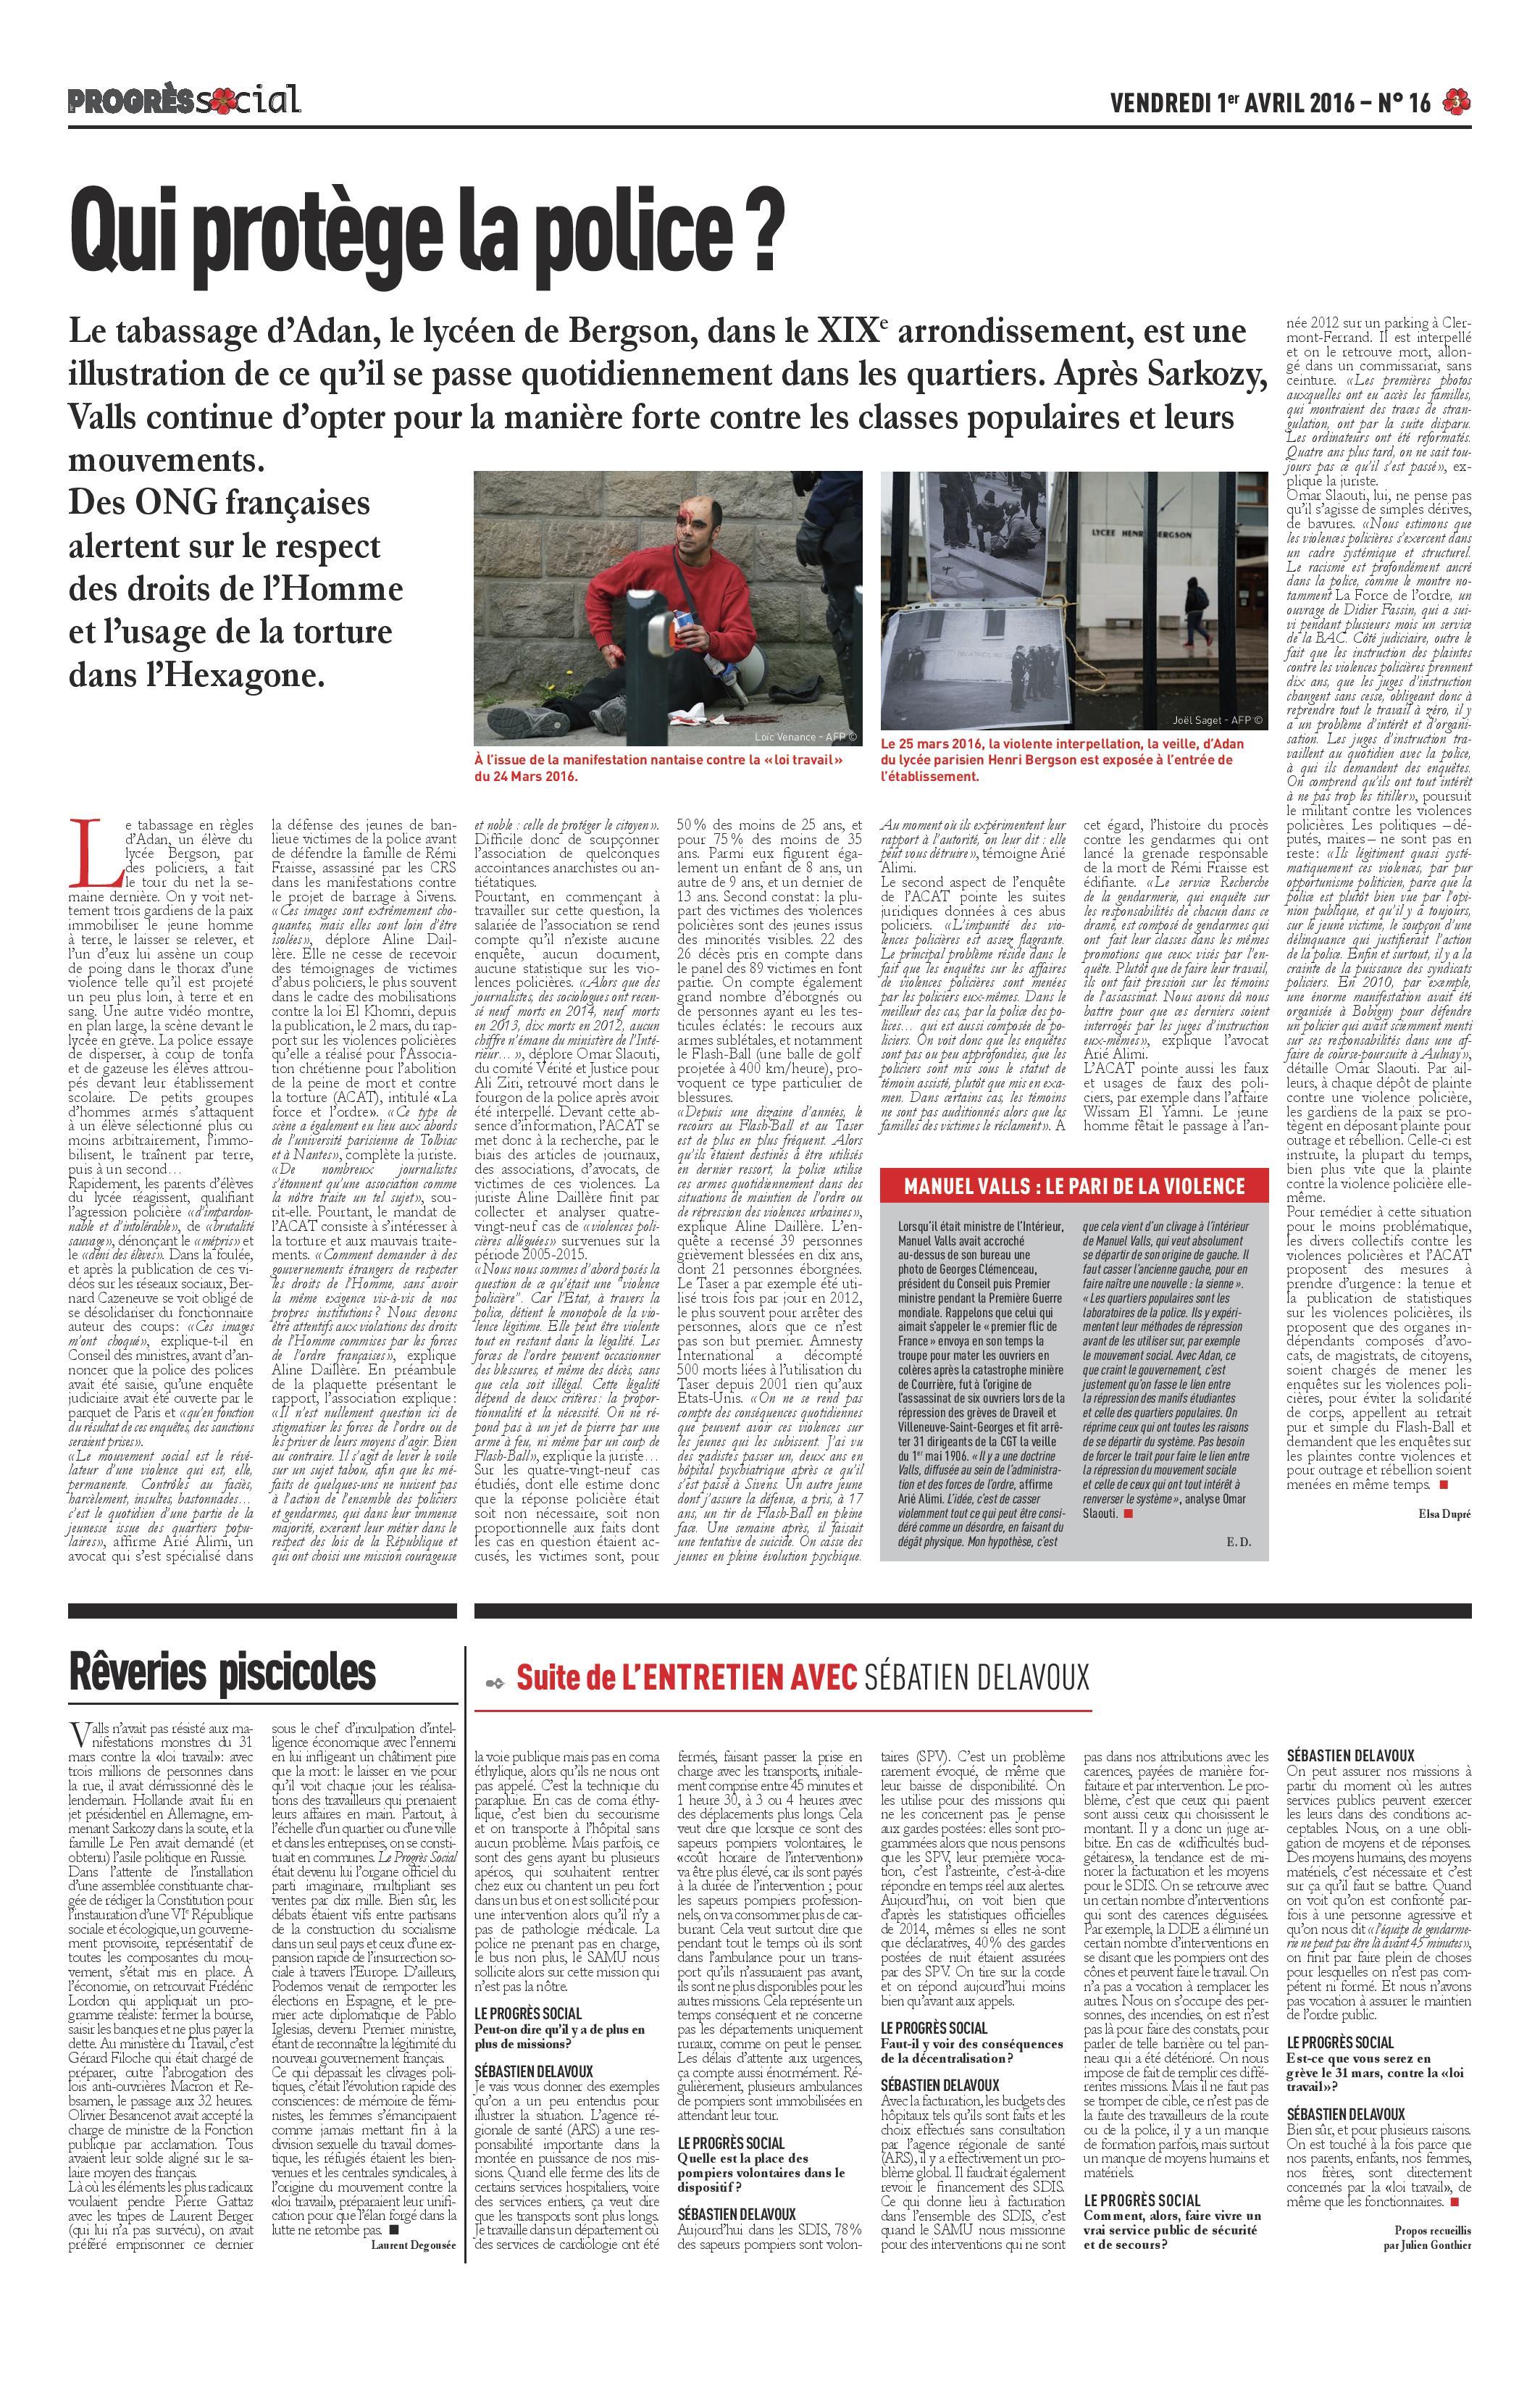 Le Progres social 16 - 01042016-3-3-page-001